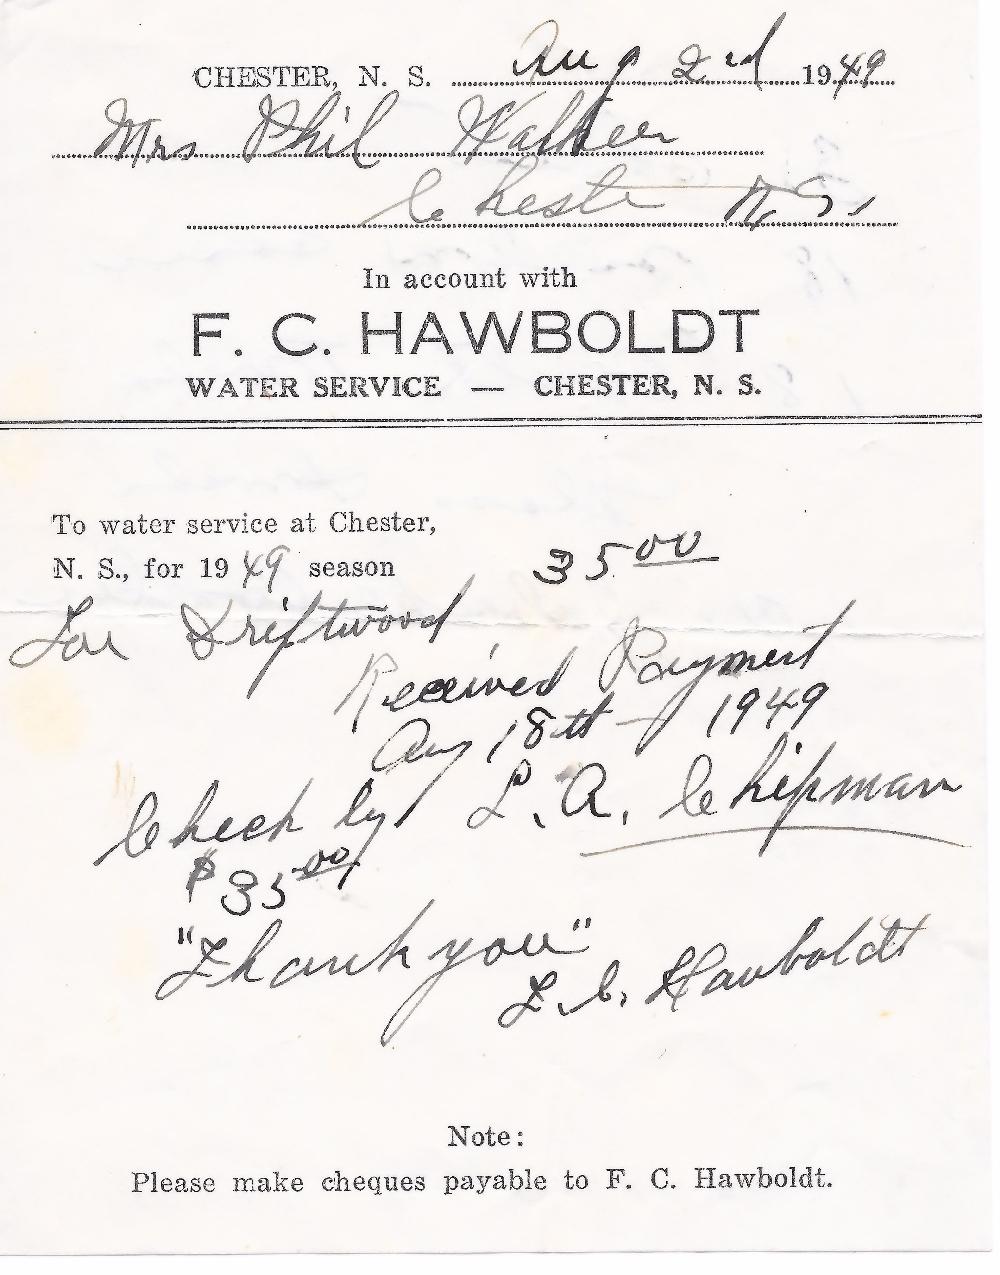 Une facture de Forman Hawboldt à Phil Walker d'un montant de 35$ pour la fourniture de l'eau pour la saison 1949. Marqué comme payé par Forman Hawboldt.